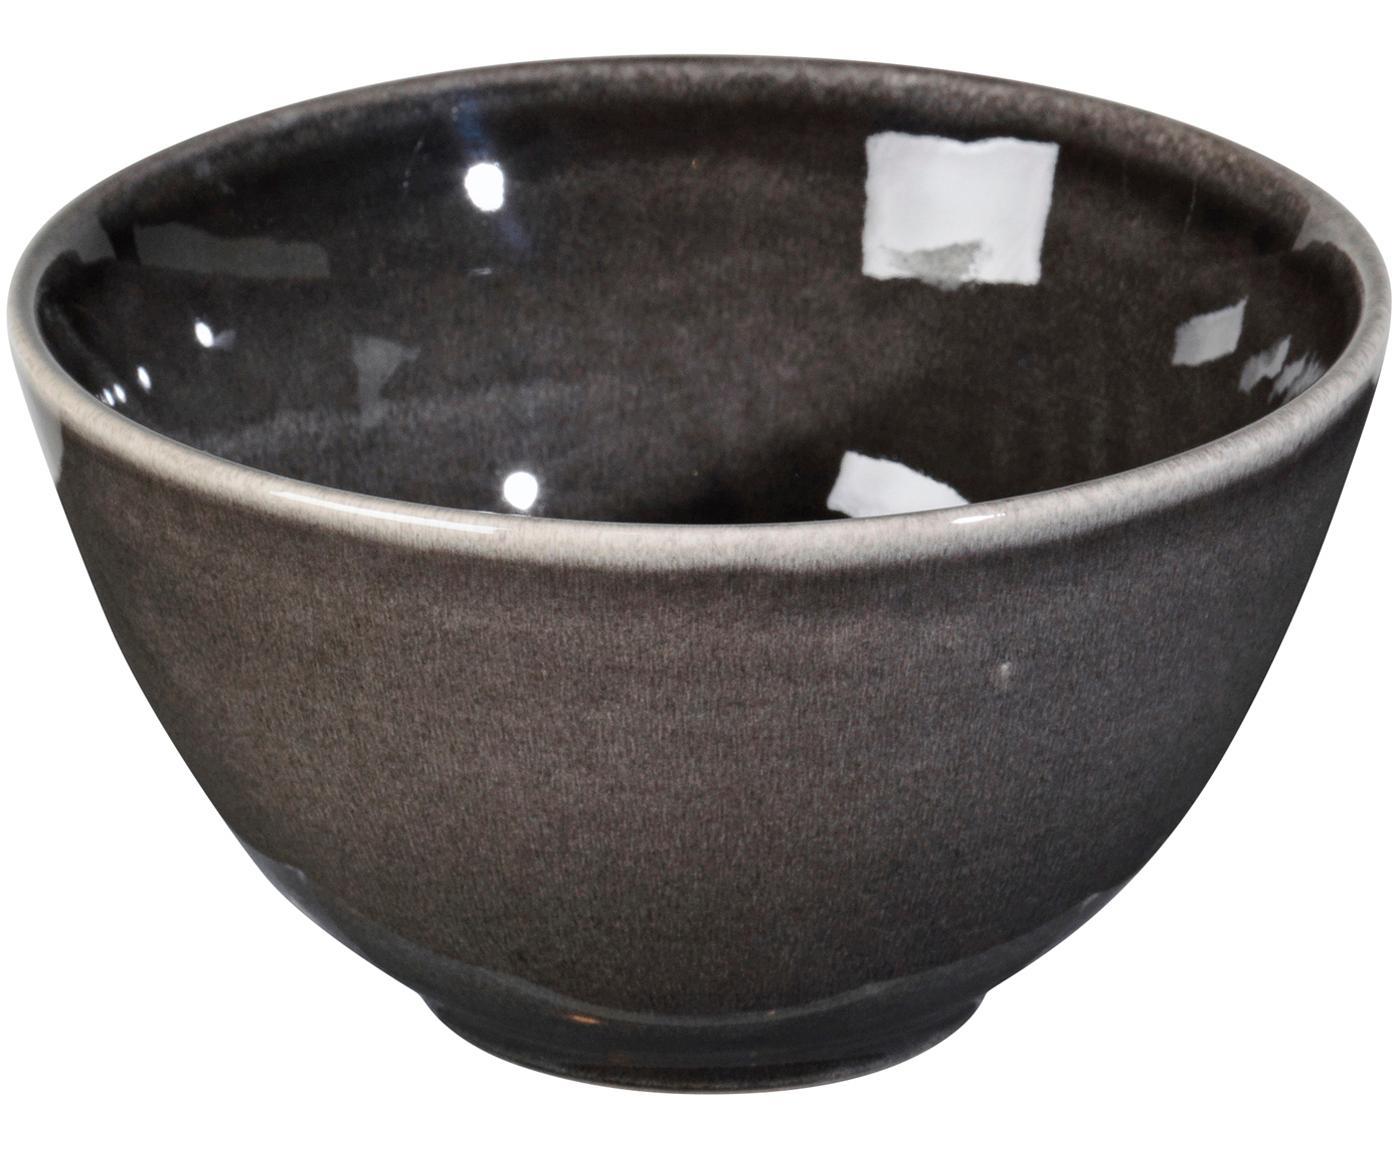 Handgemachte Schälchen Nordic Coal aus Steingut, 4 Stück, Steingut, Bräunlich, Ø 15 x H 8 cm